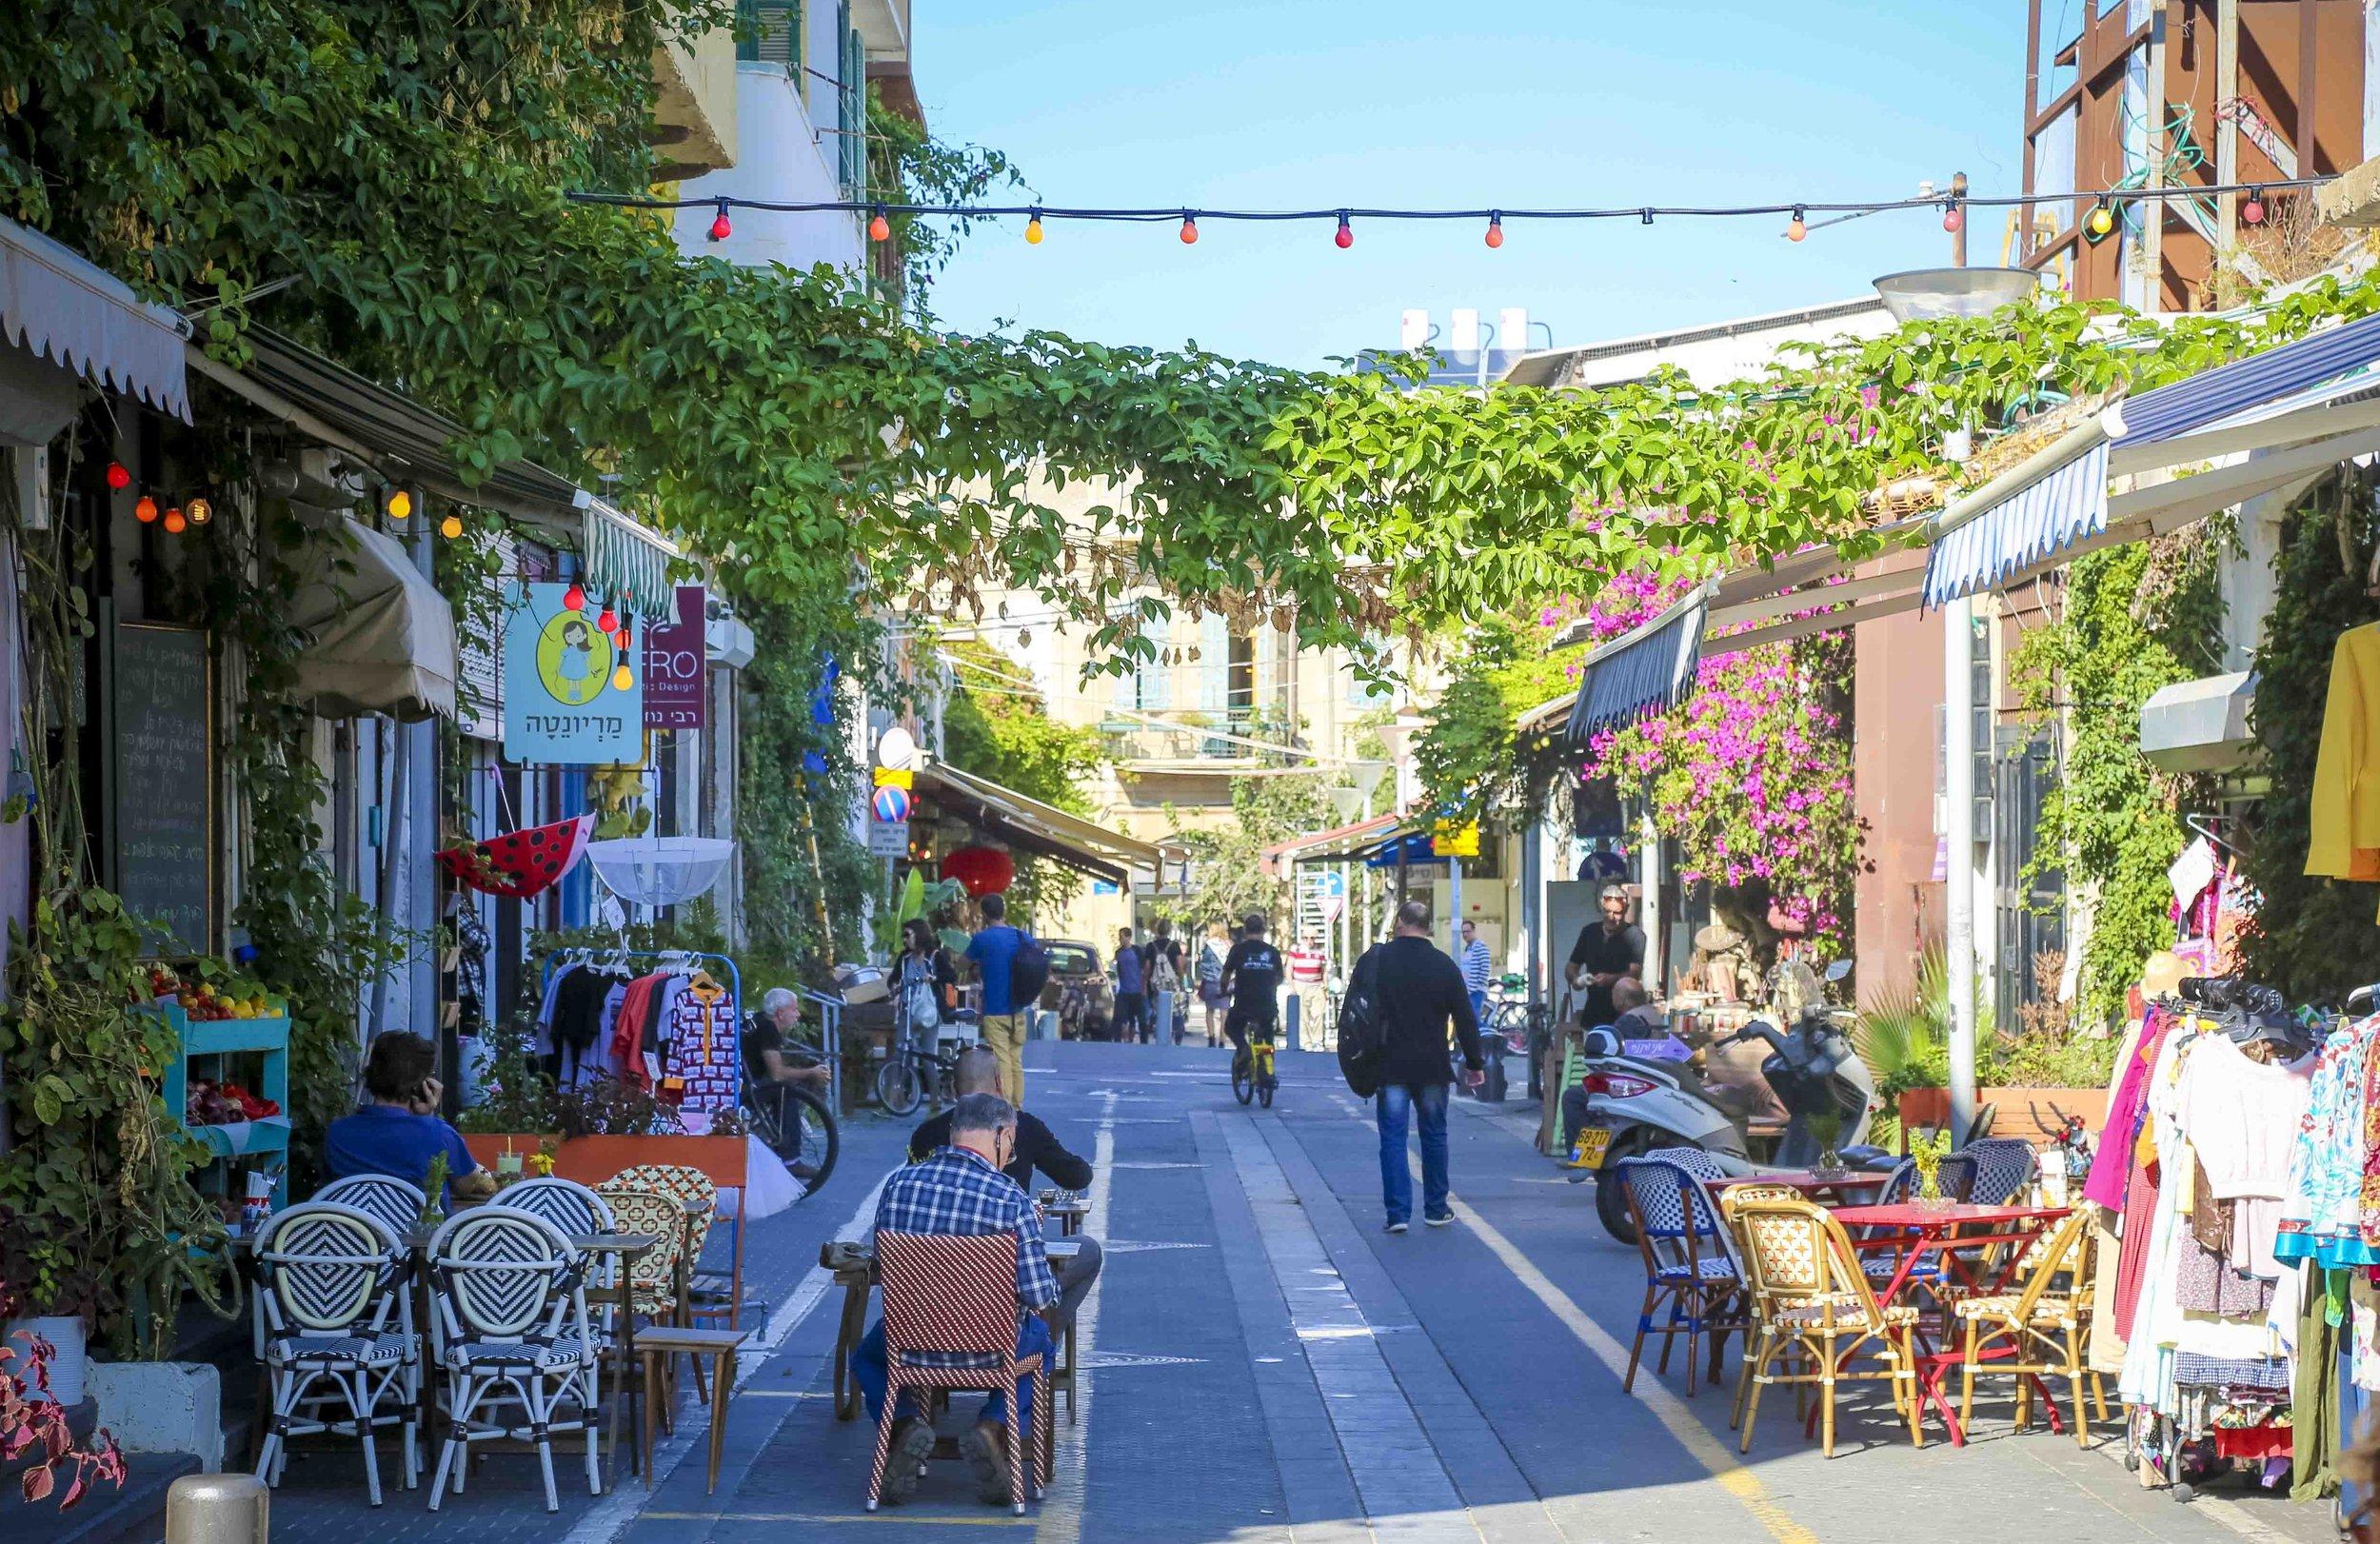 (Photo: touristisrael.com)